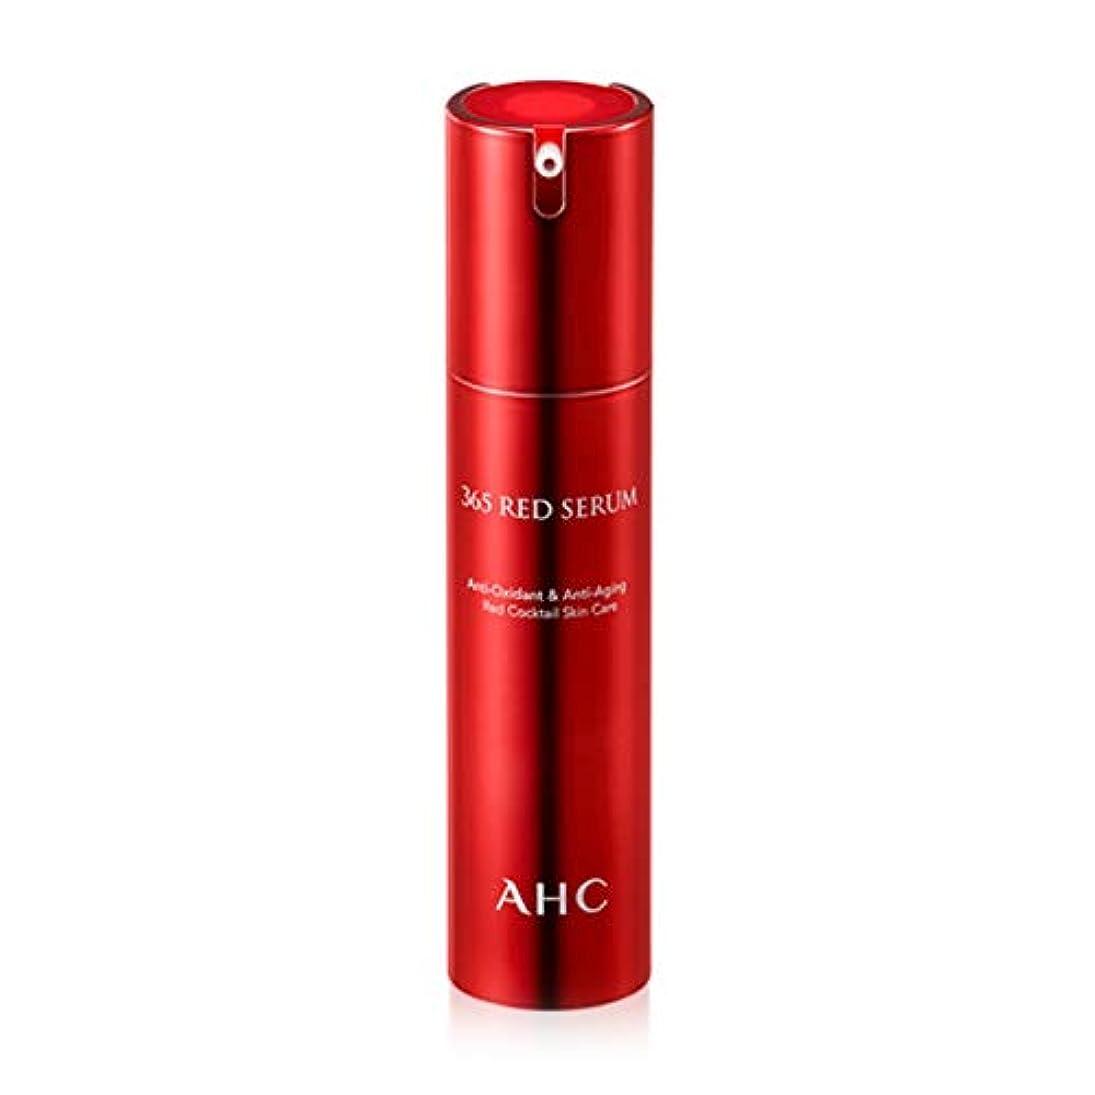 読みやすい一瞬奨学金AHC 365 Red Serum AHC 365 レッド セラム 50ml [並行輸入品]